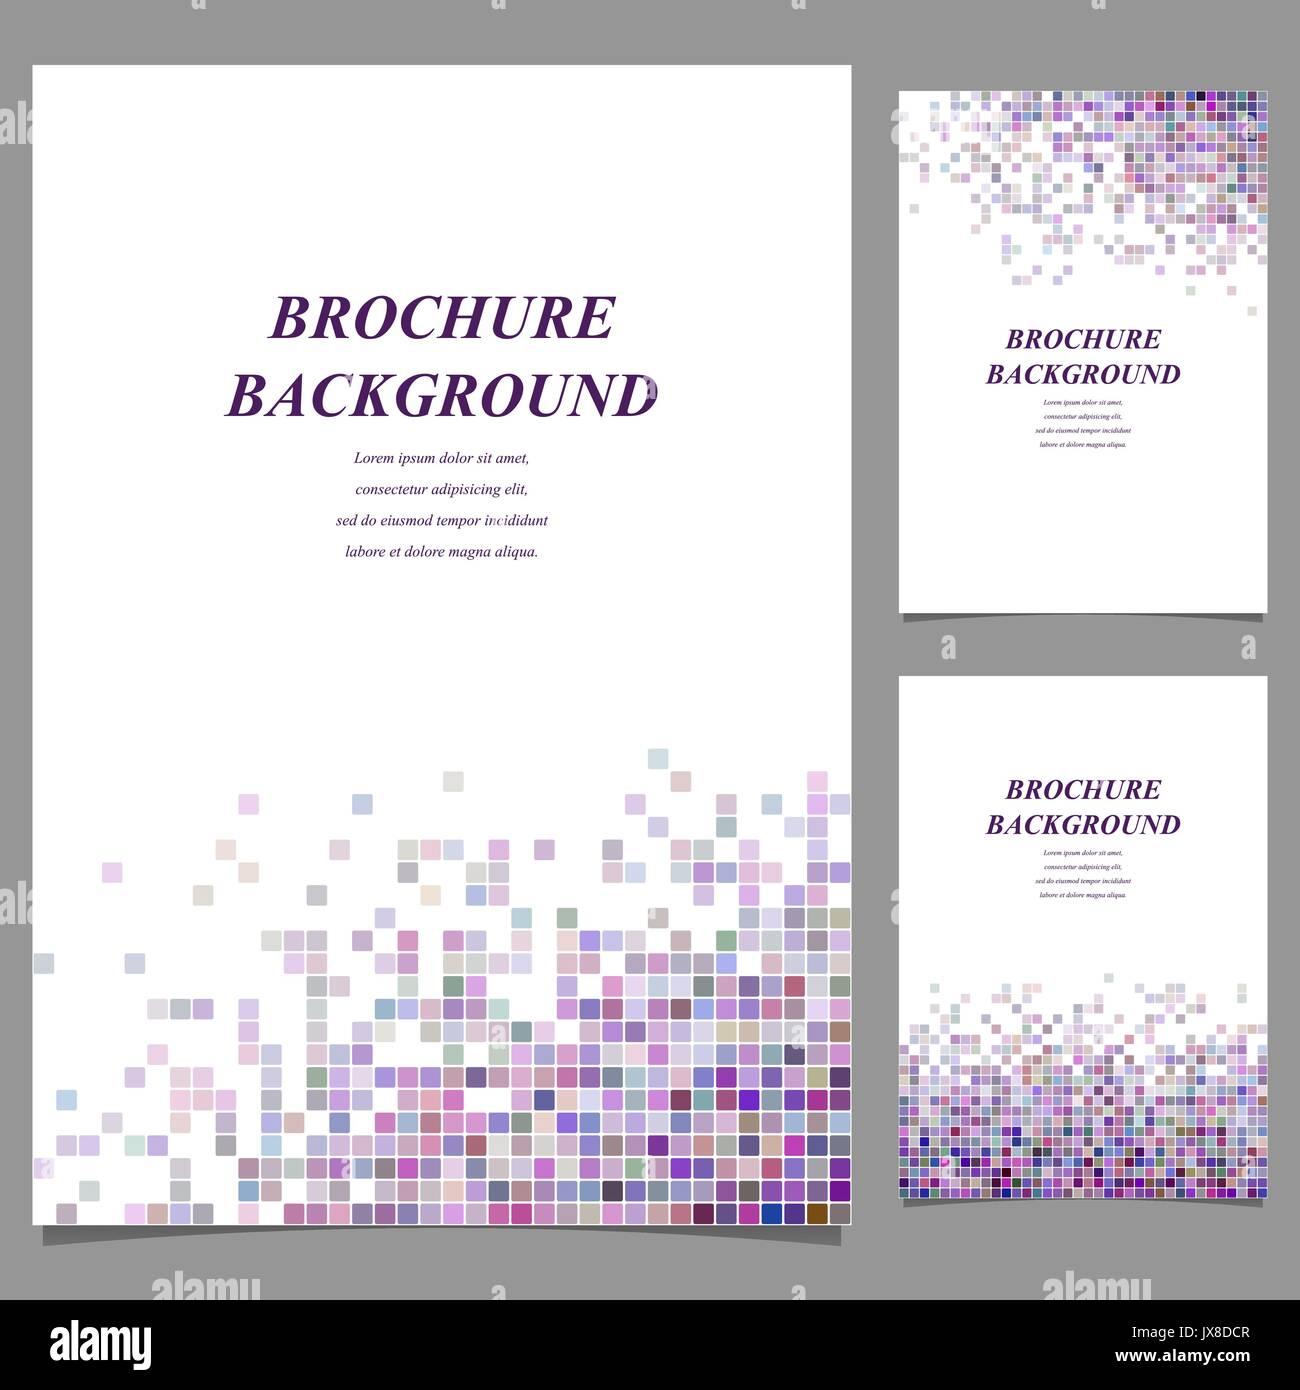 Farbenfrohe Abstrakte Fliesen Mosaik Broschure Vorlage Vektor